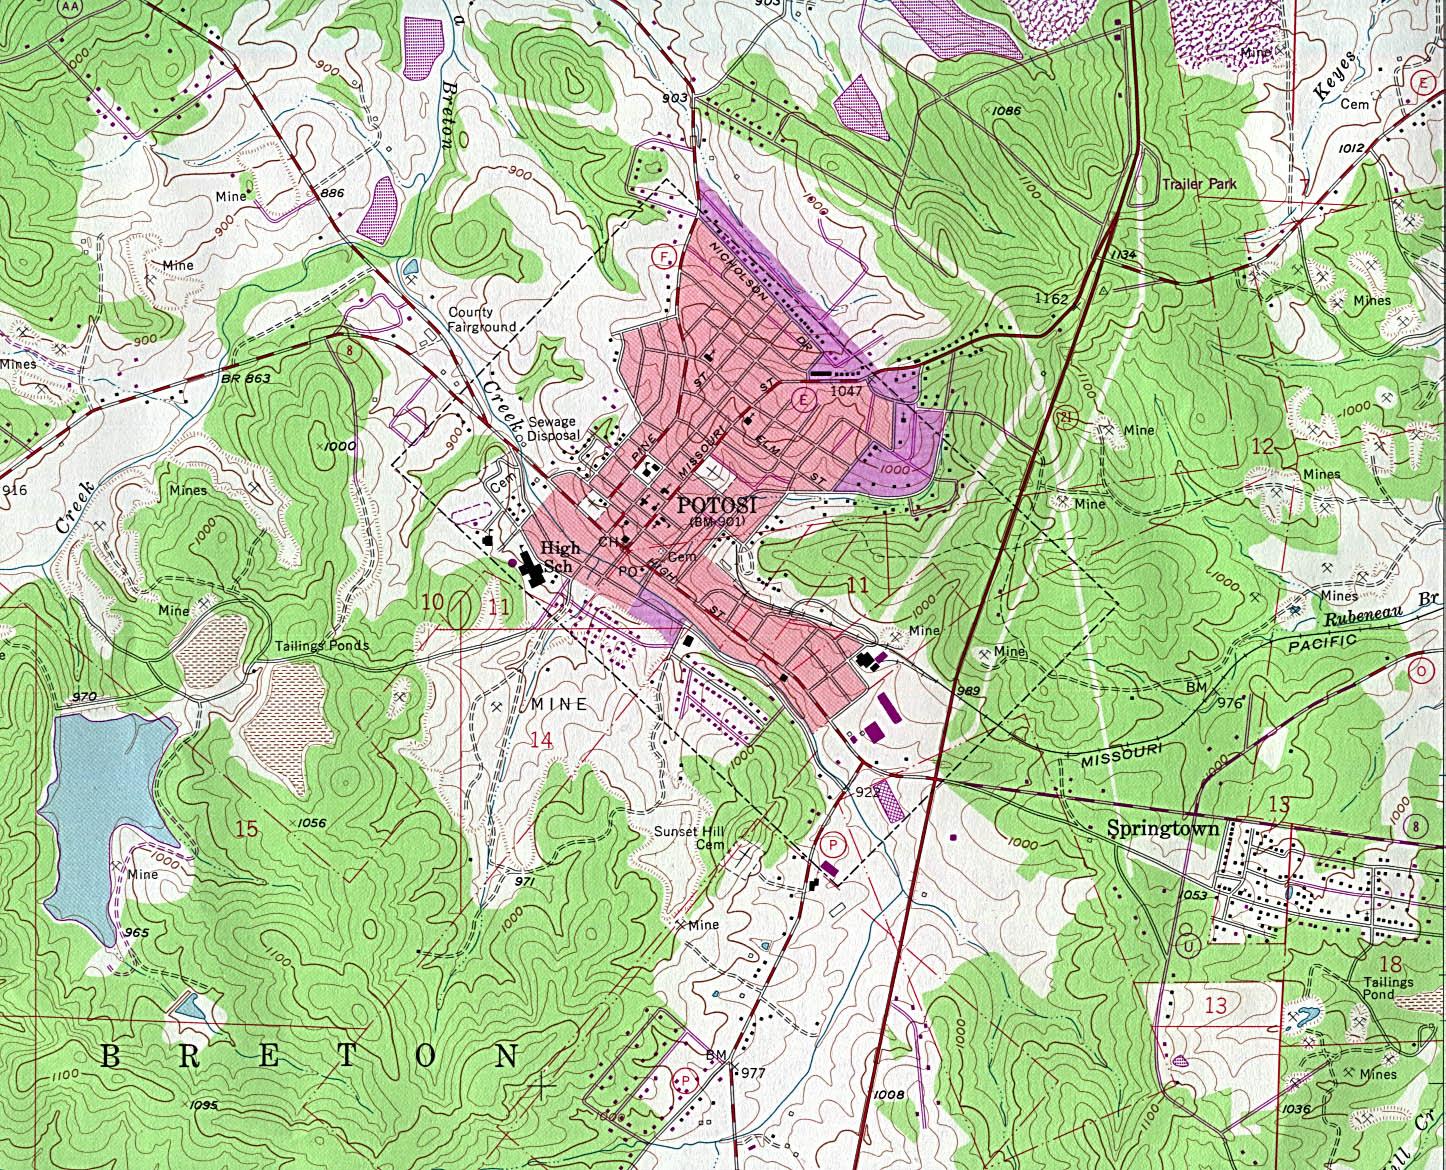 Mapa Topográfico de la Ciudad de Potosi, Missouri, Estados Unidos